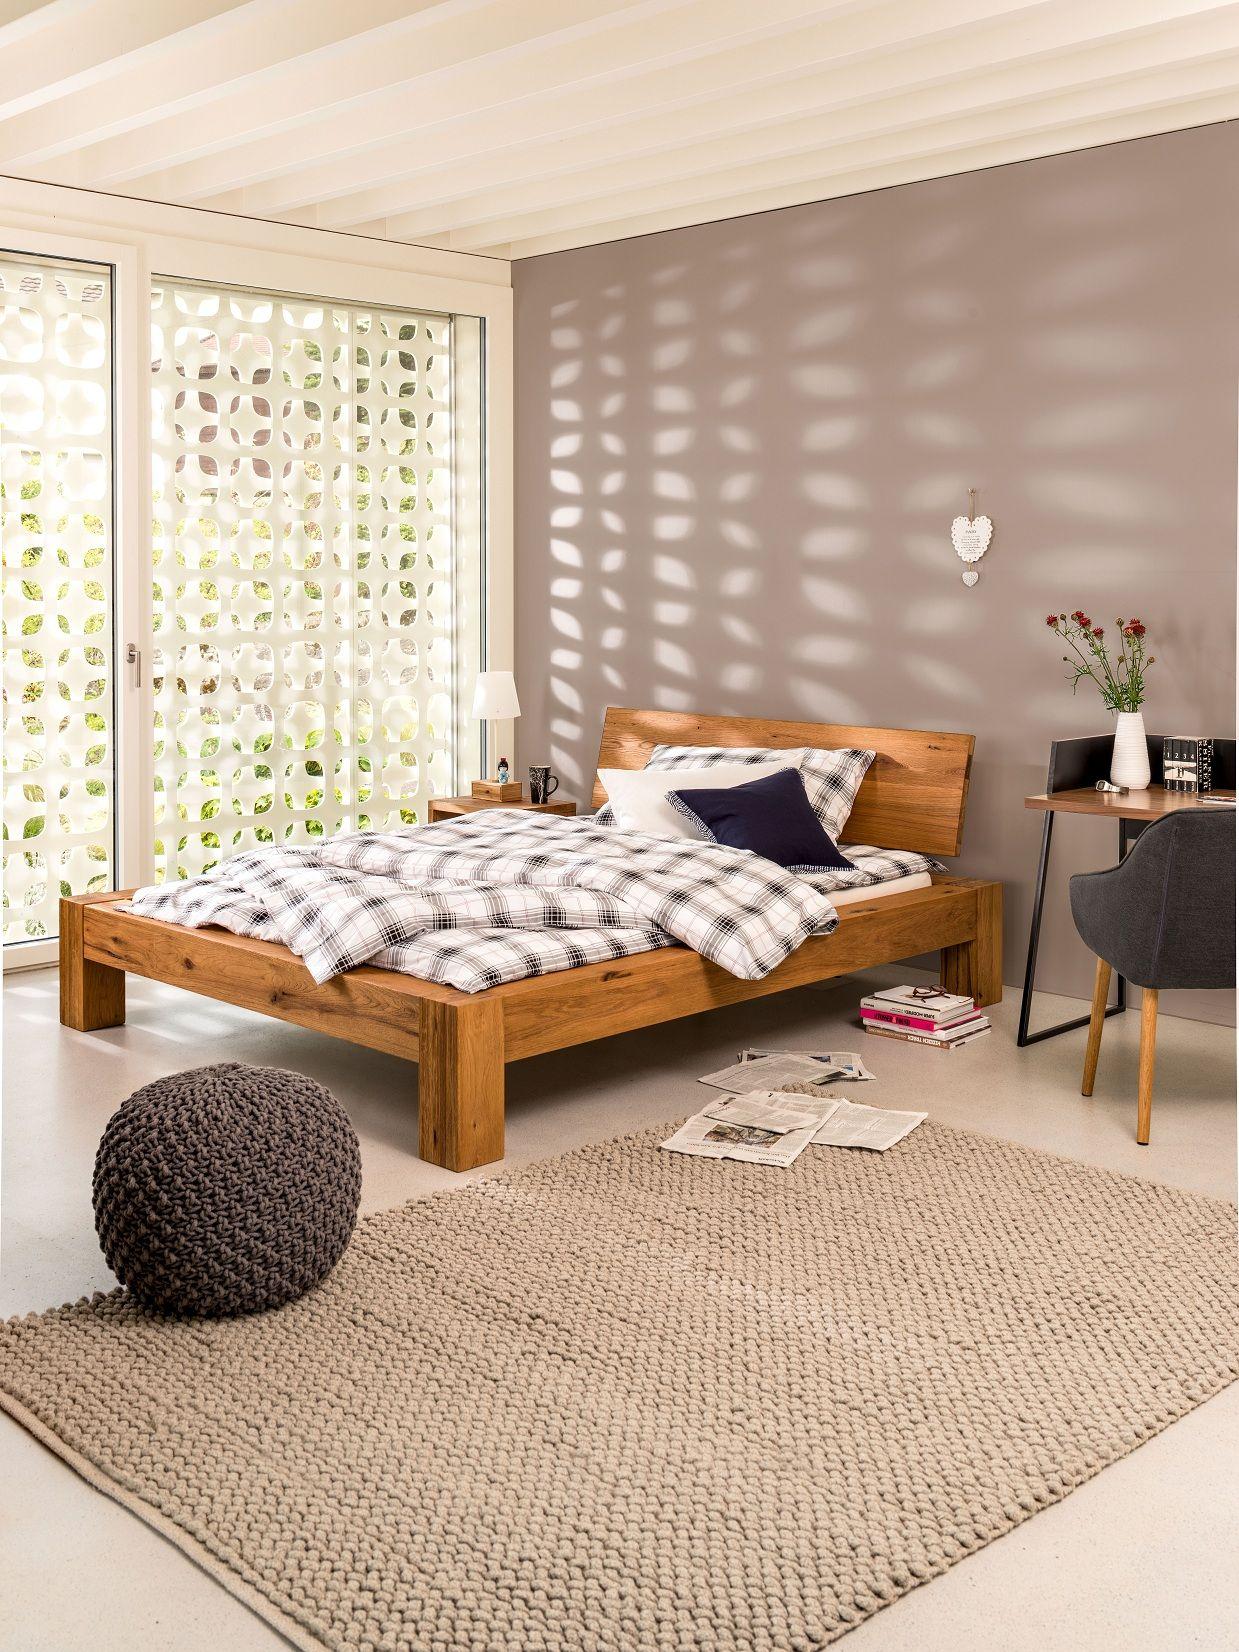 micasa schlafzimmer mit bett oakline wild | micasa schlafen, Schlafzimmer entwurf